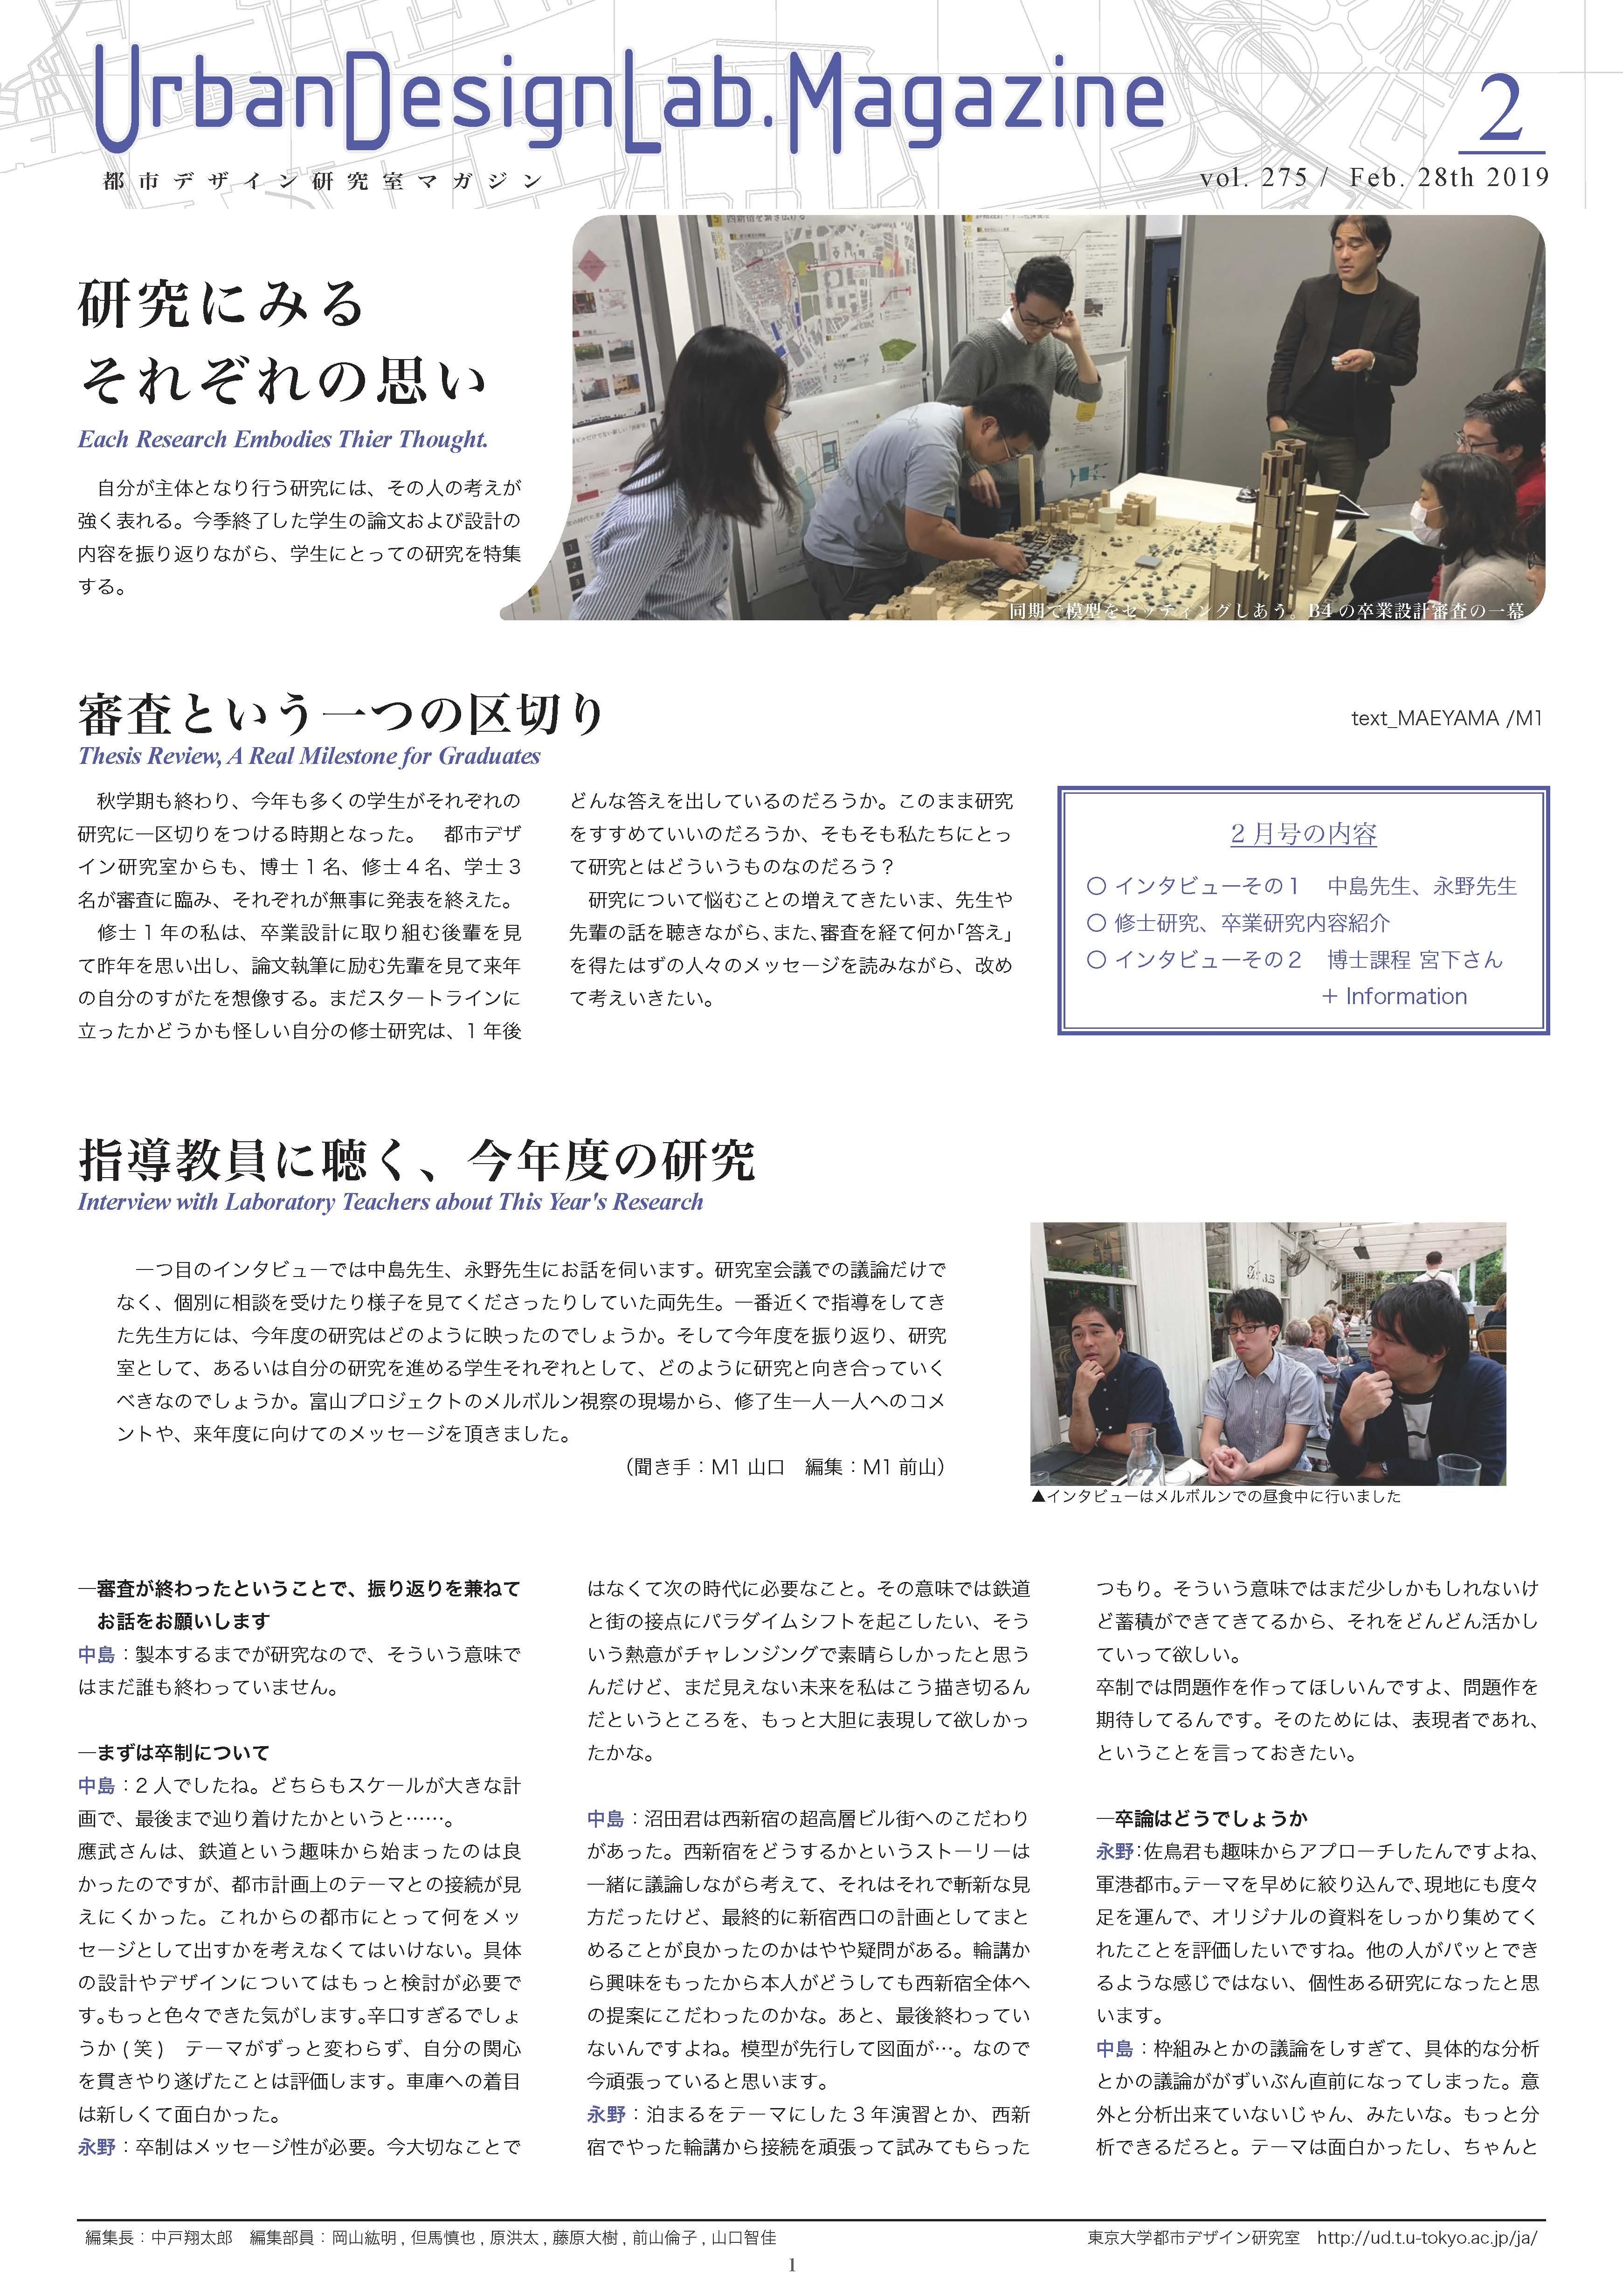 http://ud.t.u-tokyo.ac.jp/blog/_images/vol275_%E7%B5%B1%E5%90%88_2208_%E3%83%9A%E3%83%BC%E3%82%B8_1.jpg